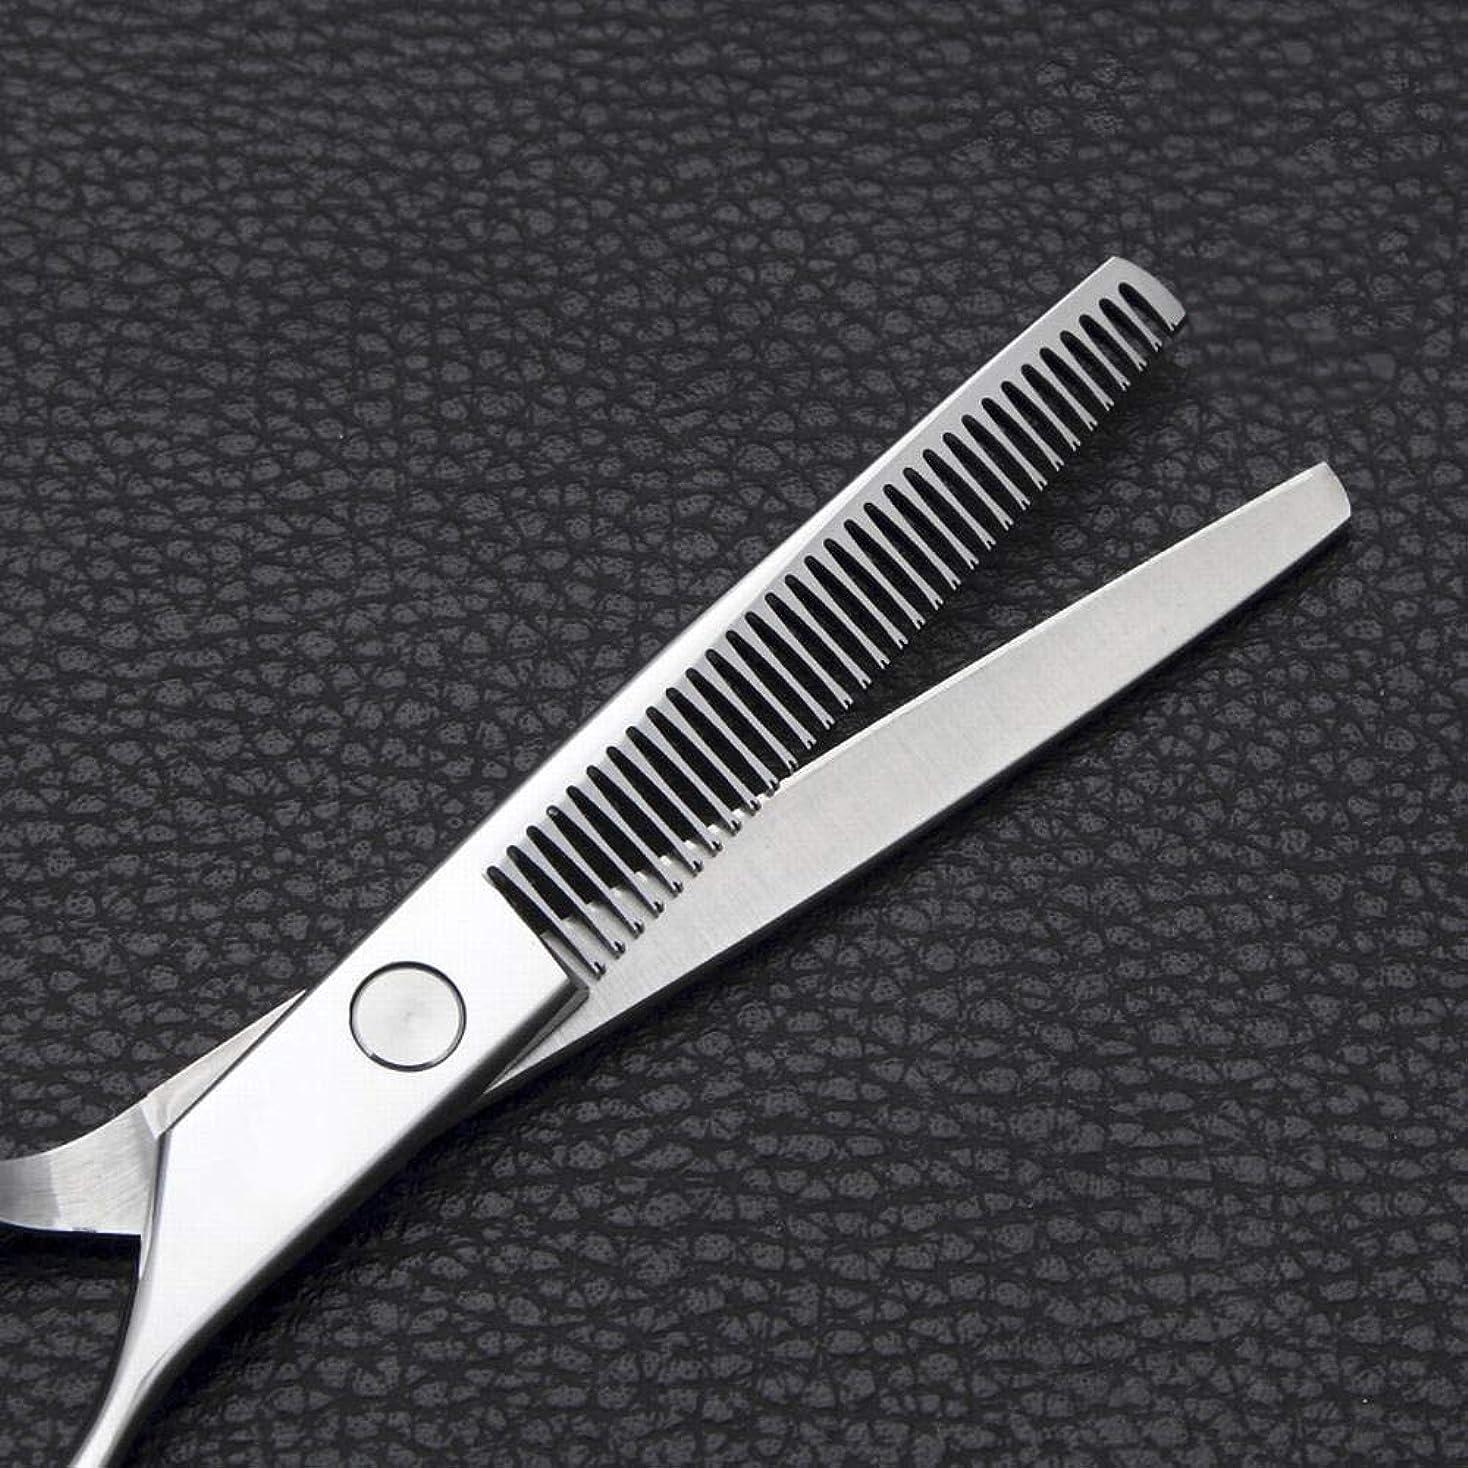 比べるビジョン番号Goodsok-jp 6インチの理髪はさみのステンレス鋼の歯のせん断用具 (色 : Silver)